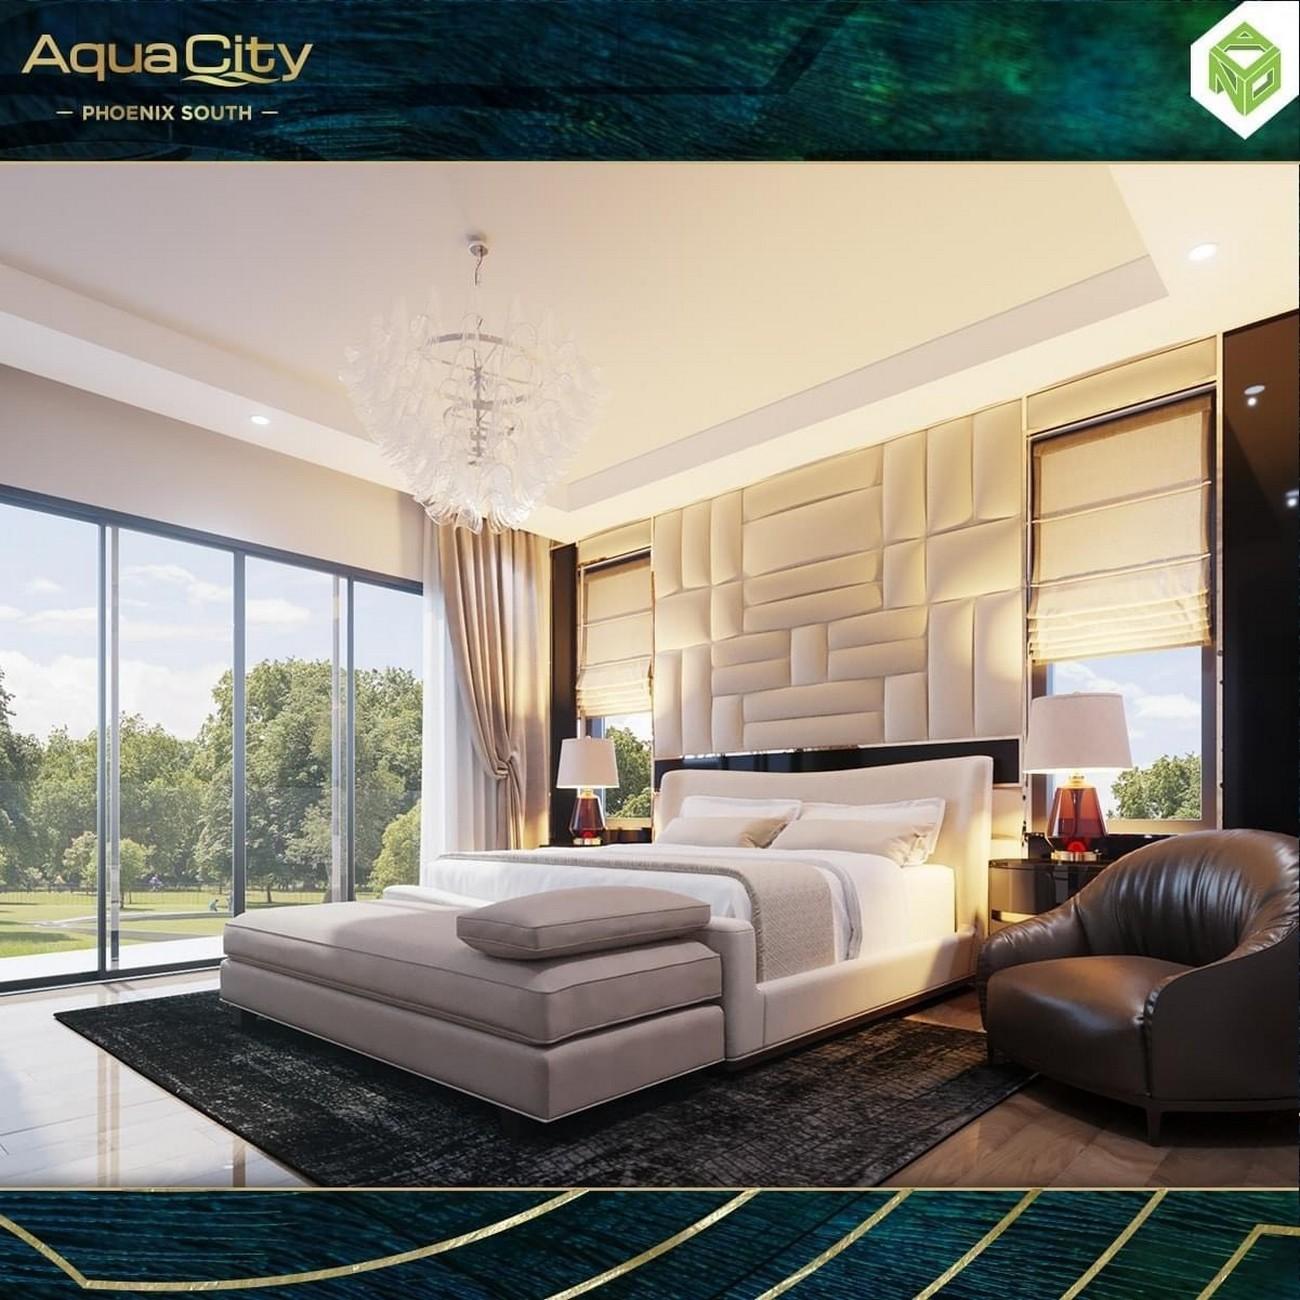 Nhà mẫu dự án nhà phố Aqua City The Phoenix South Biên Hòa Đồng Nai chủ đầu tư NovaLand